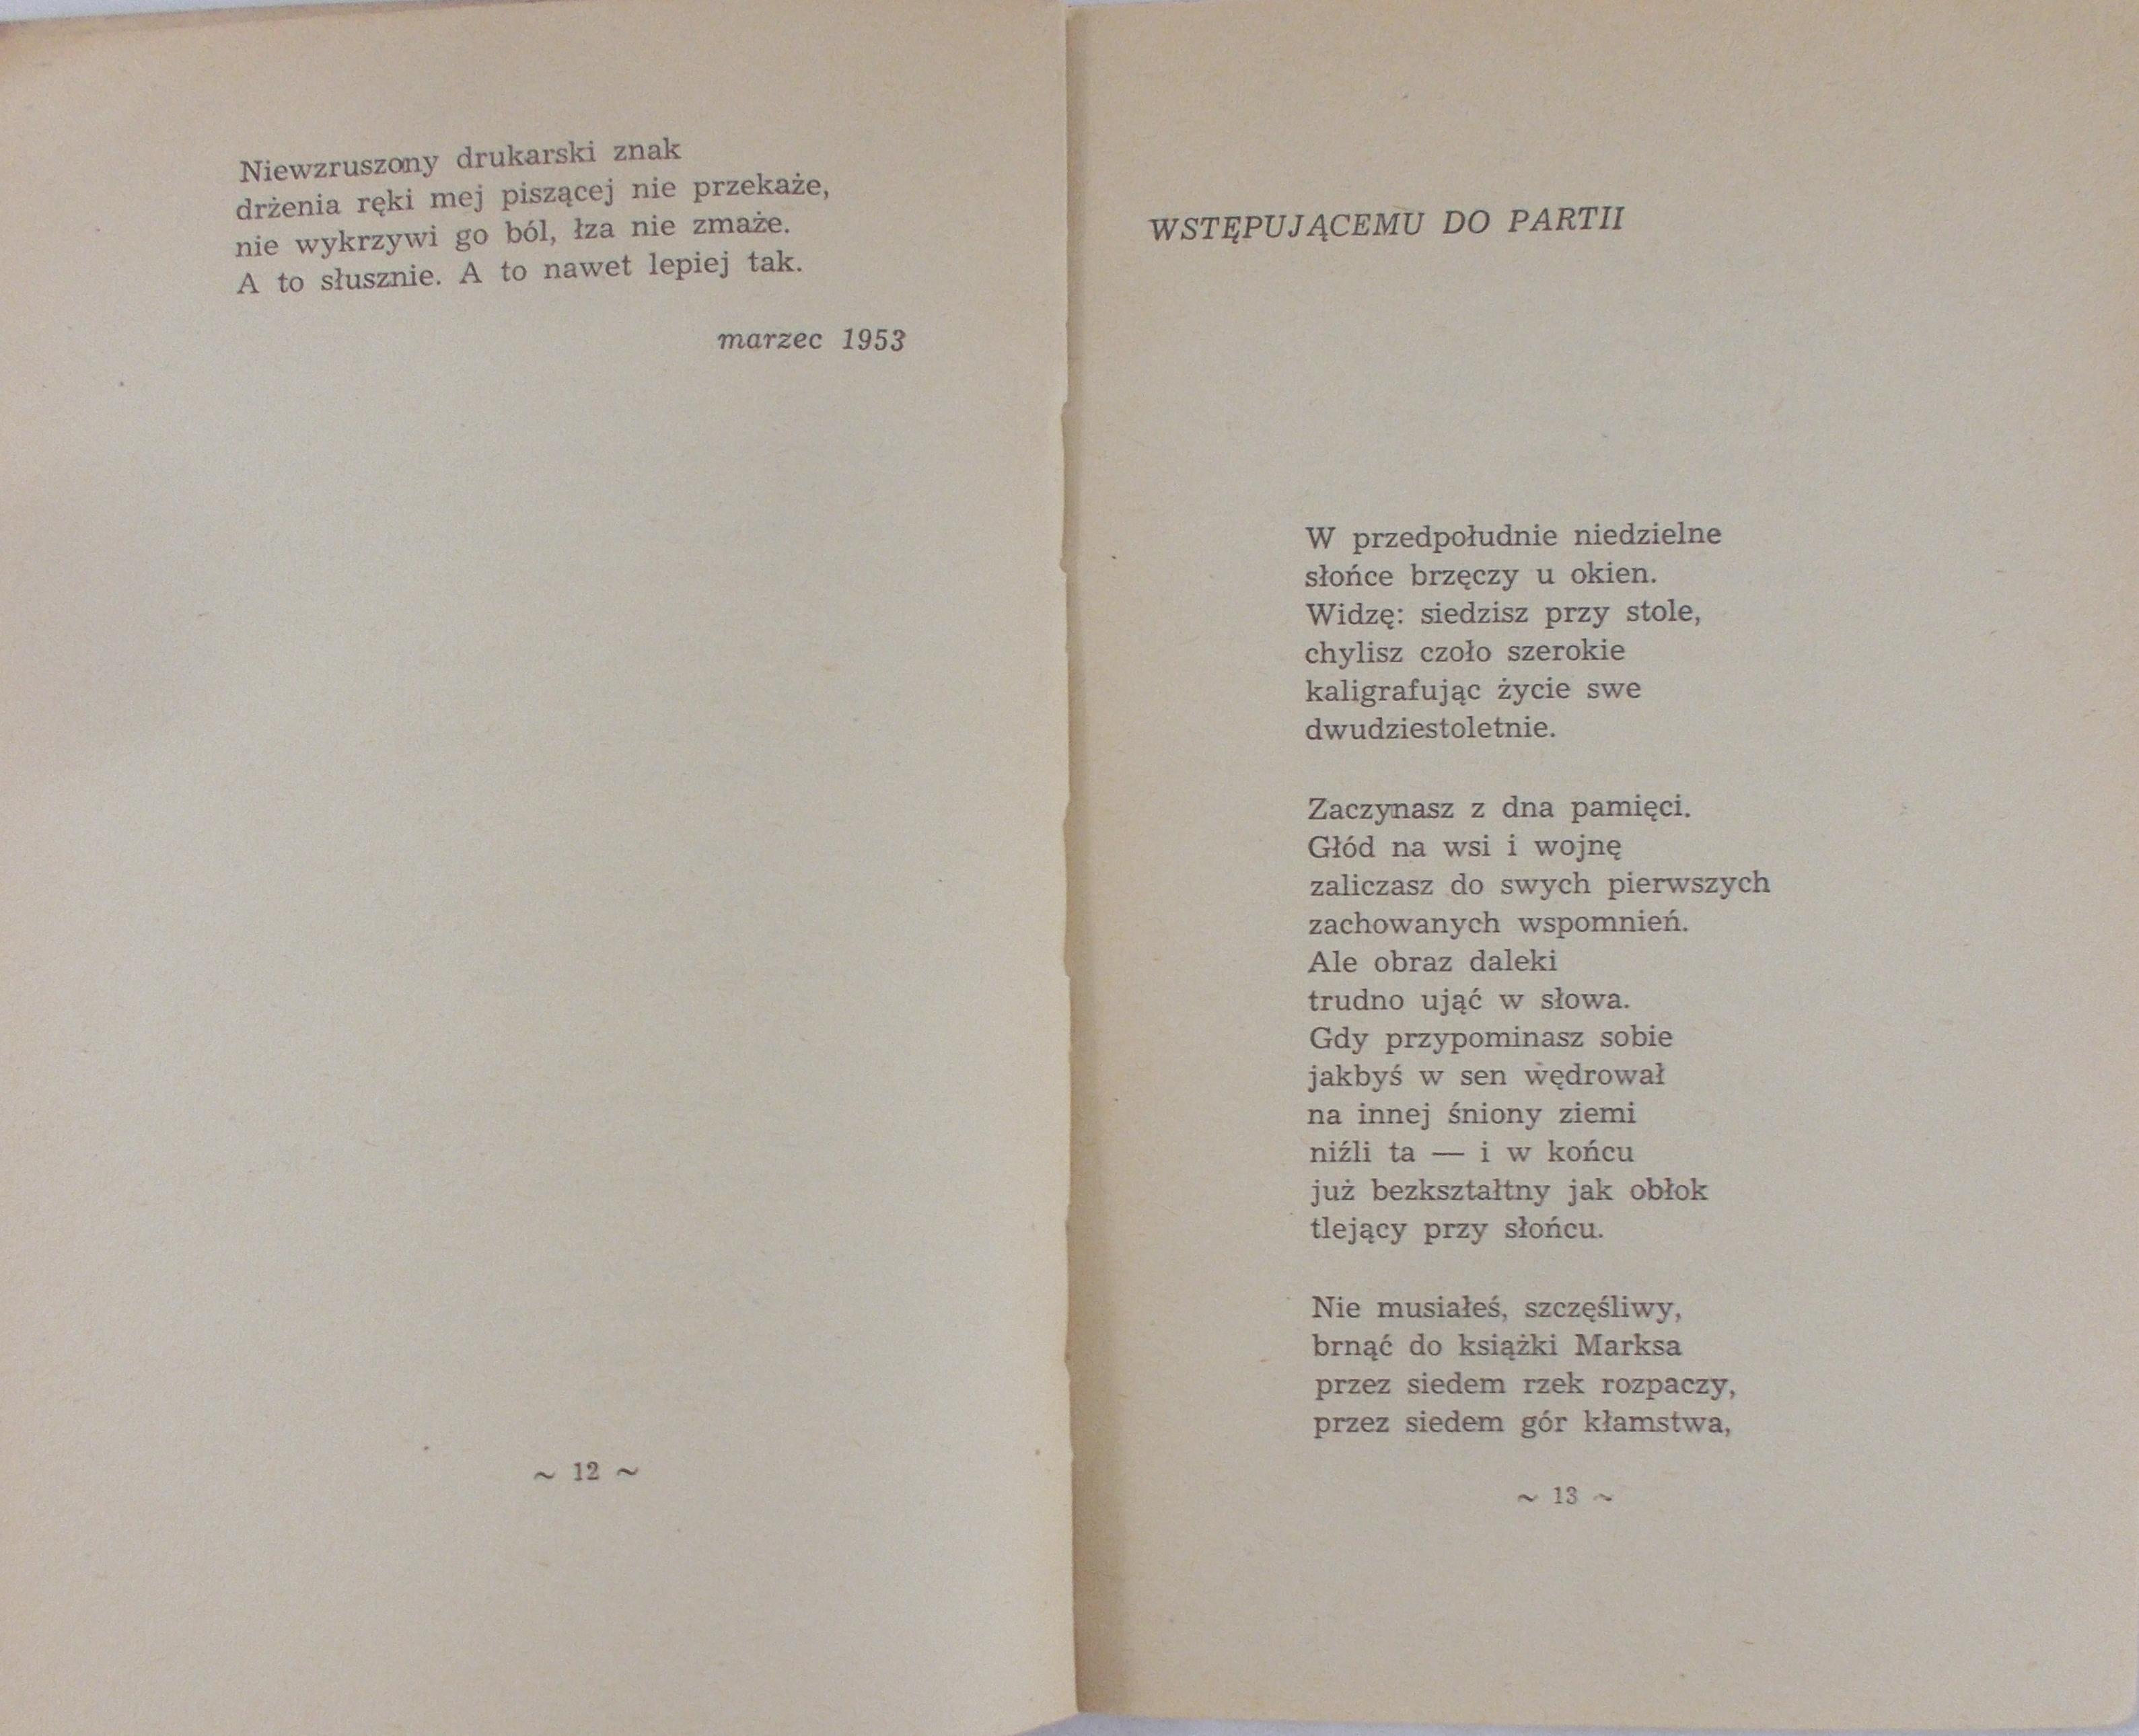 Pytania Zadawane Sobie Wisława Szymborska 38900 Zł